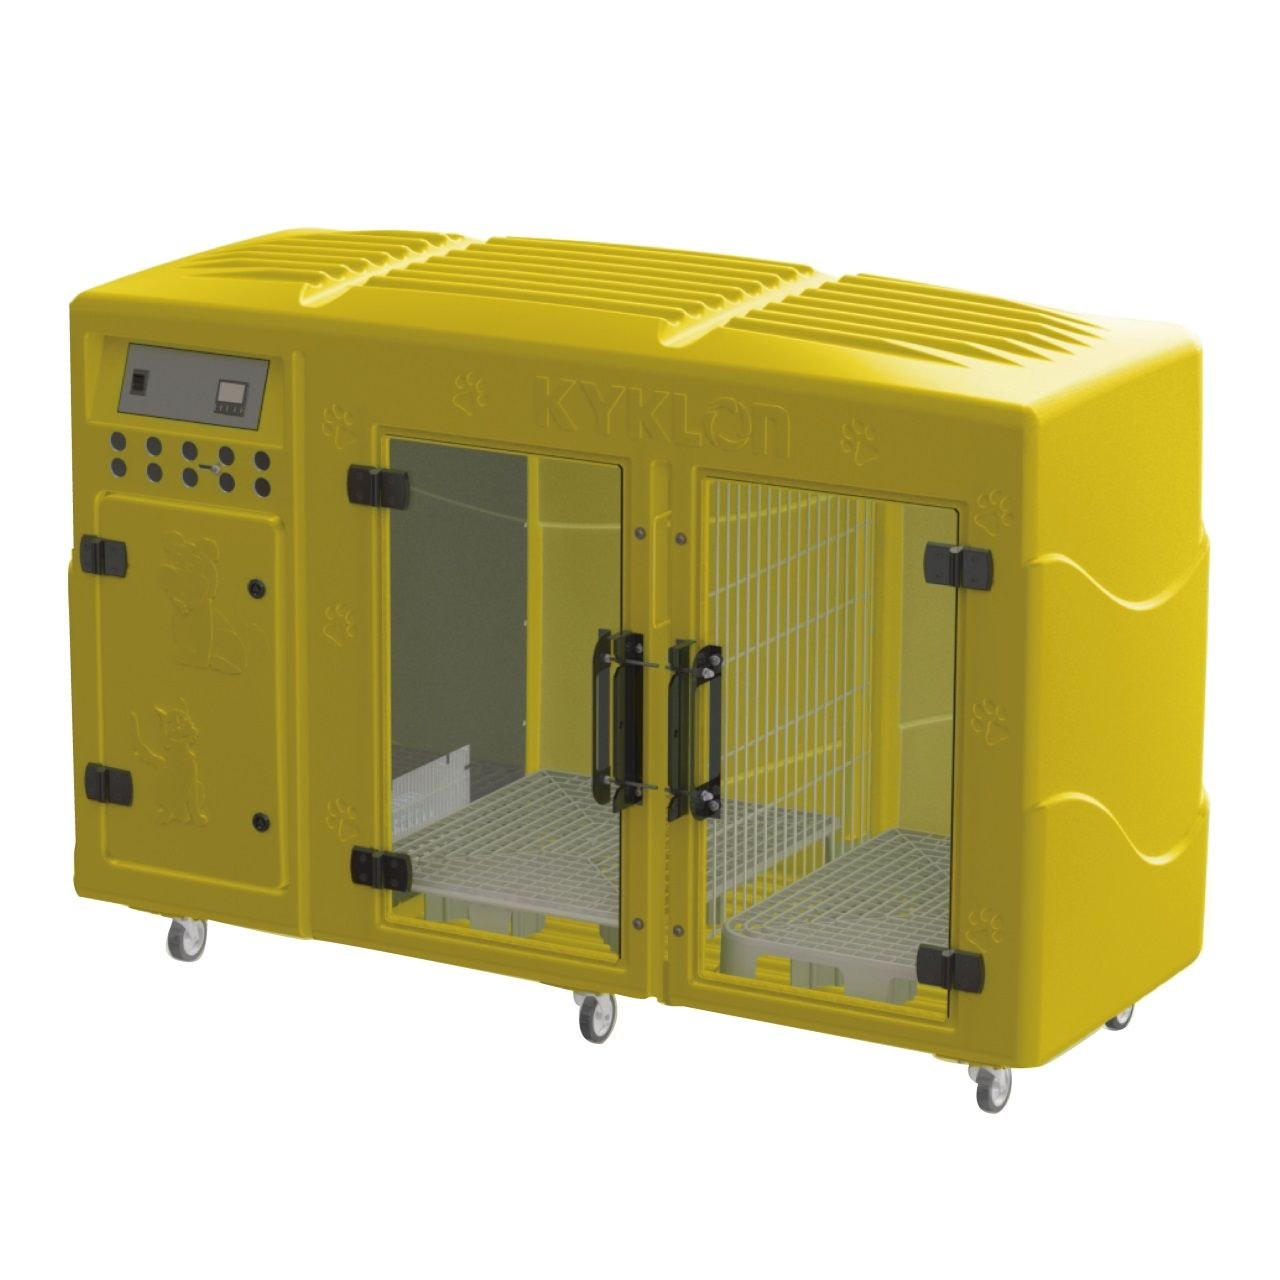 Máquina de Secar Rotomoldada Kyklon Amarela